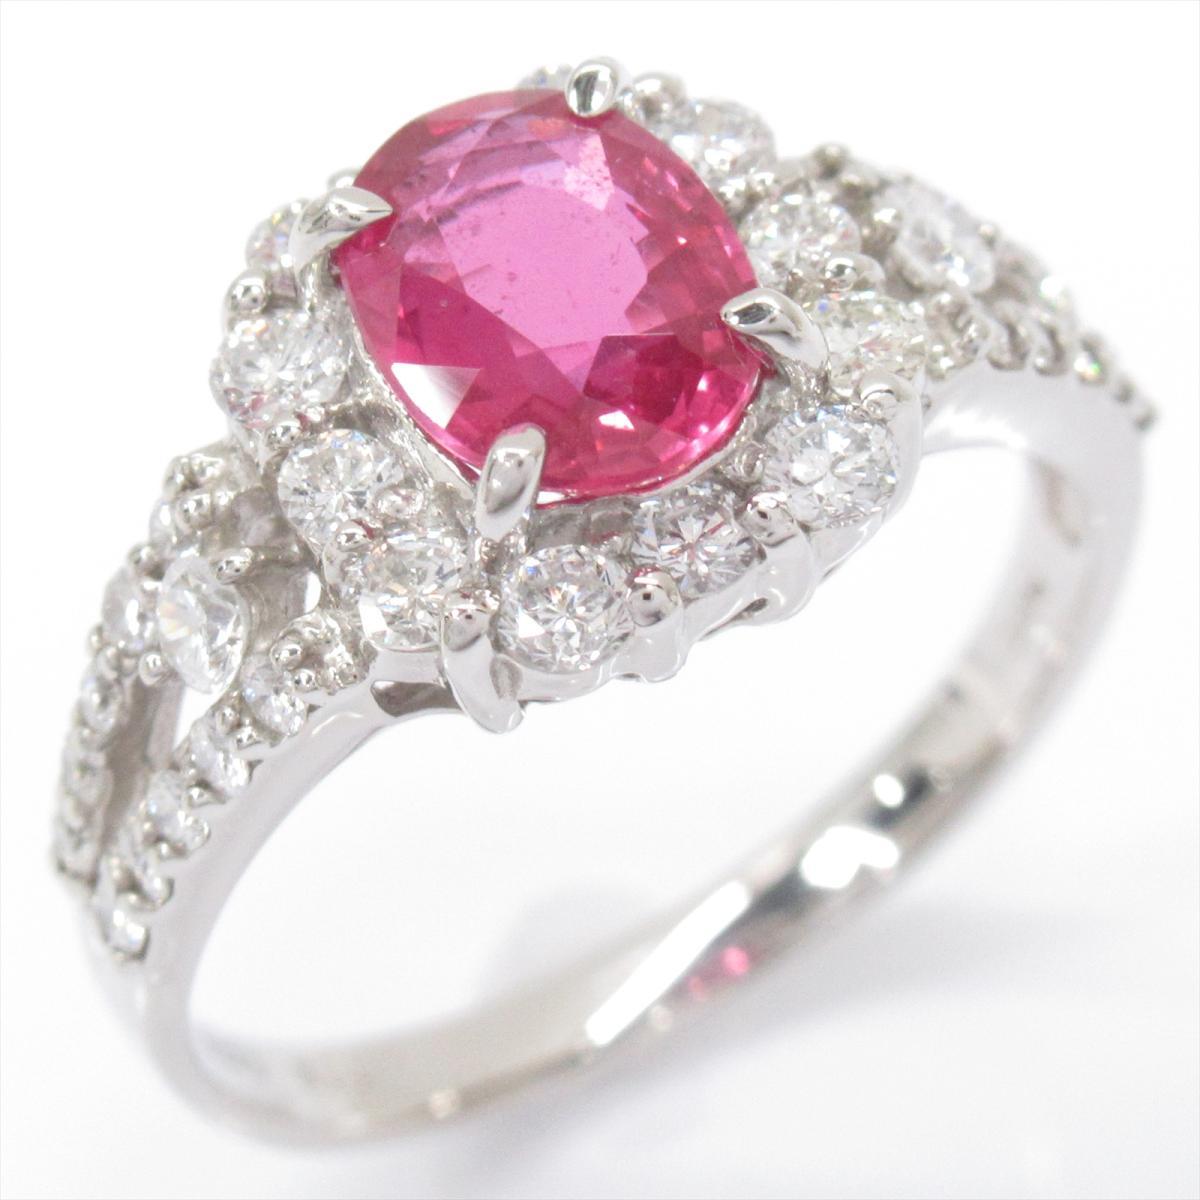 ジュエリー ルビー リング 指輪 ノーブランドジュエリー レディース PT900 プラチナ x (1.12ct) ダイヤモンド (0.623ct) 【中古】 | JEWELRY BRANDOFF ブランドオフ アクセサリー